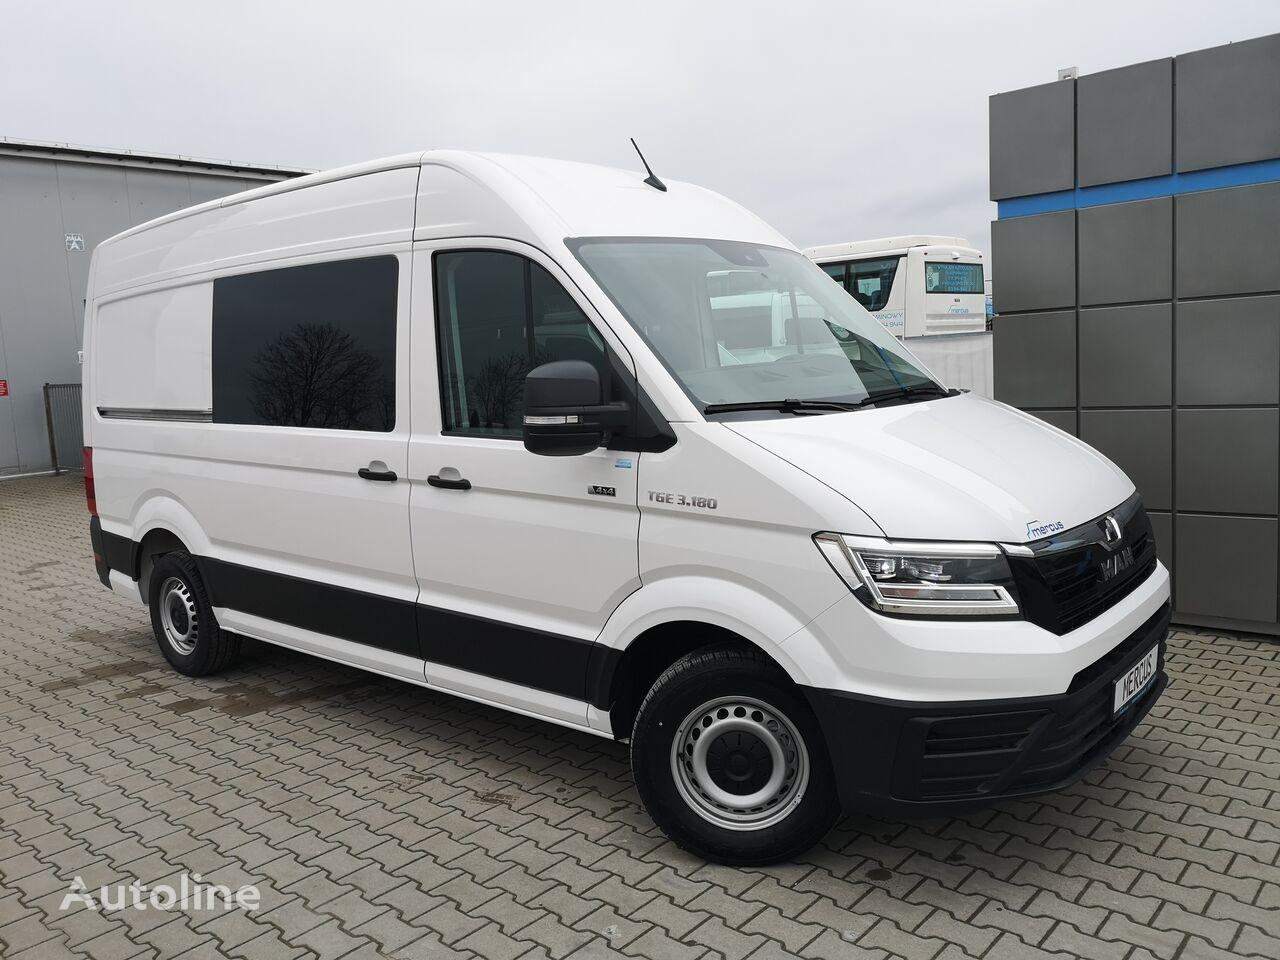 new MAN TGE 3.180 combi van